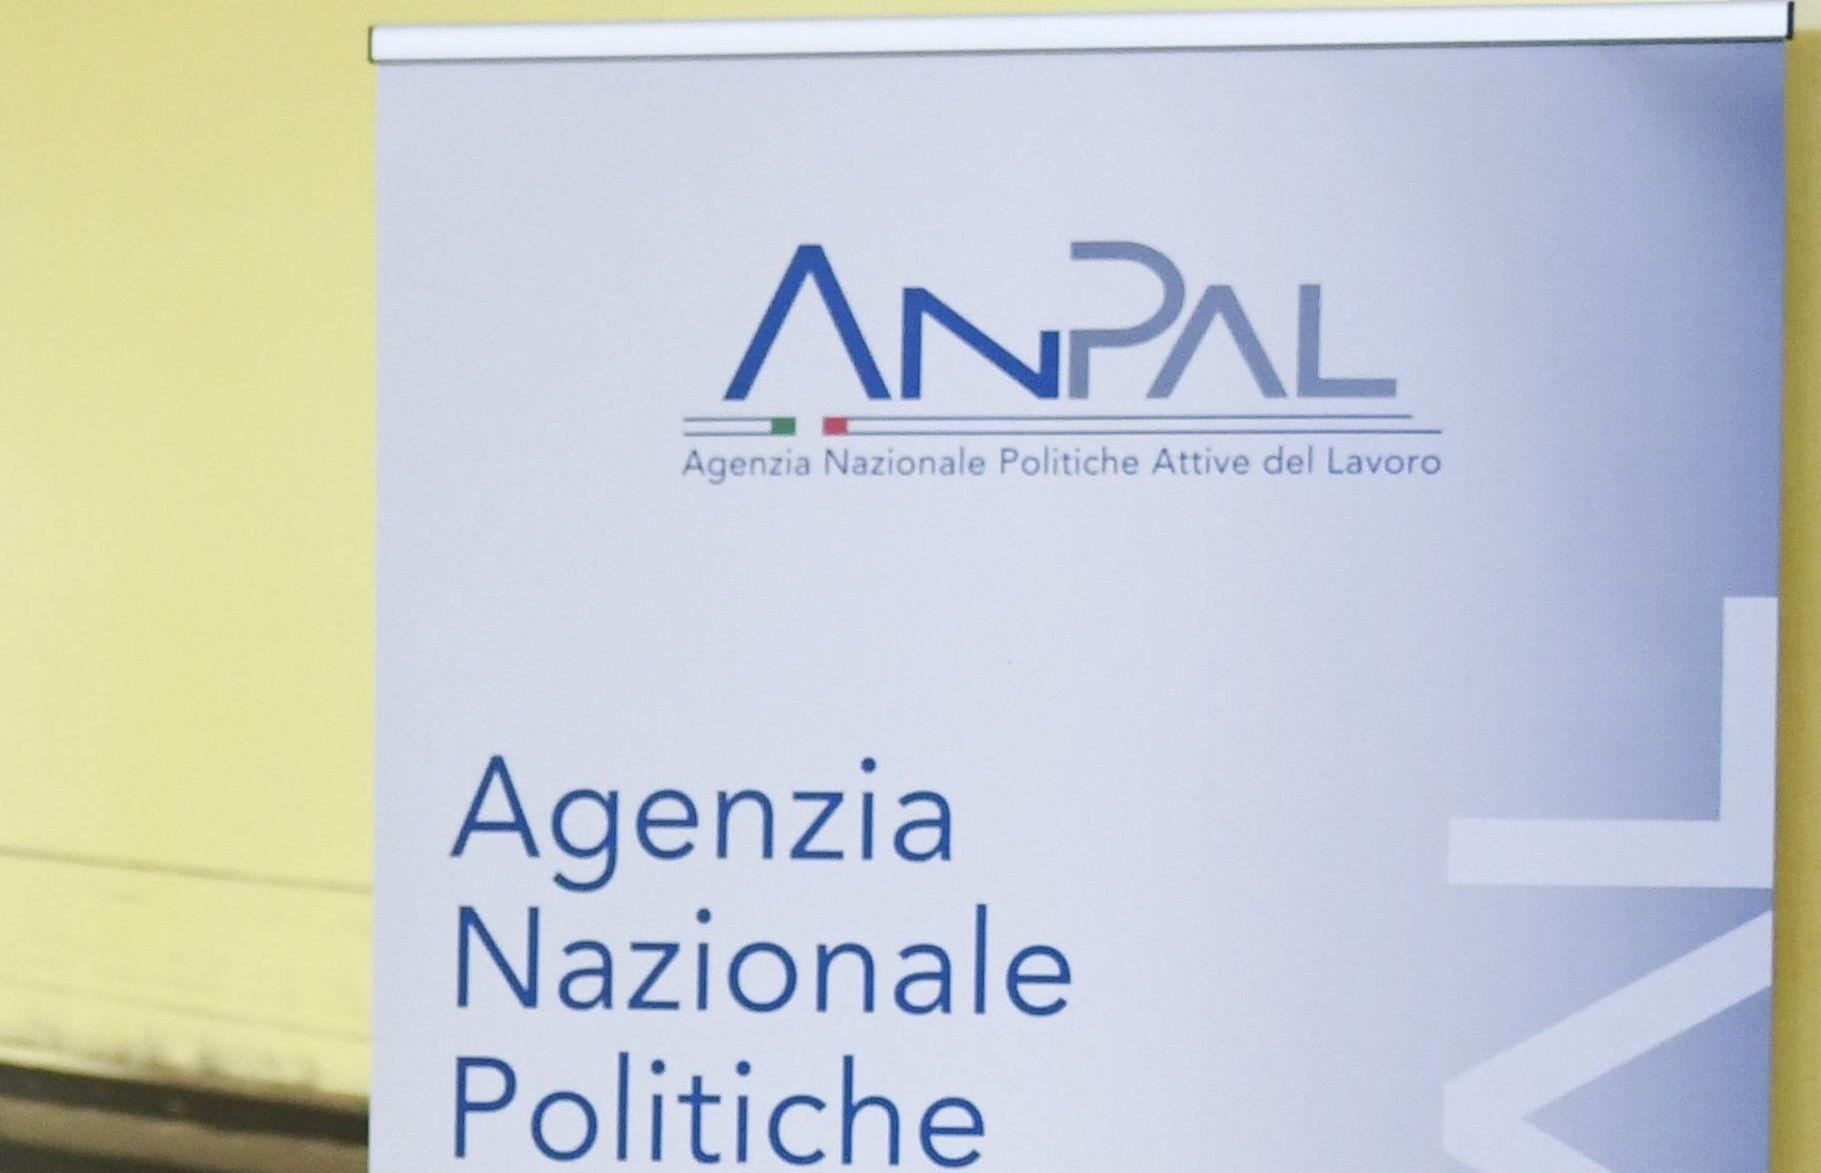 Assegno di ricollocazione per disoccupati: a chi spettano i 5mila euro